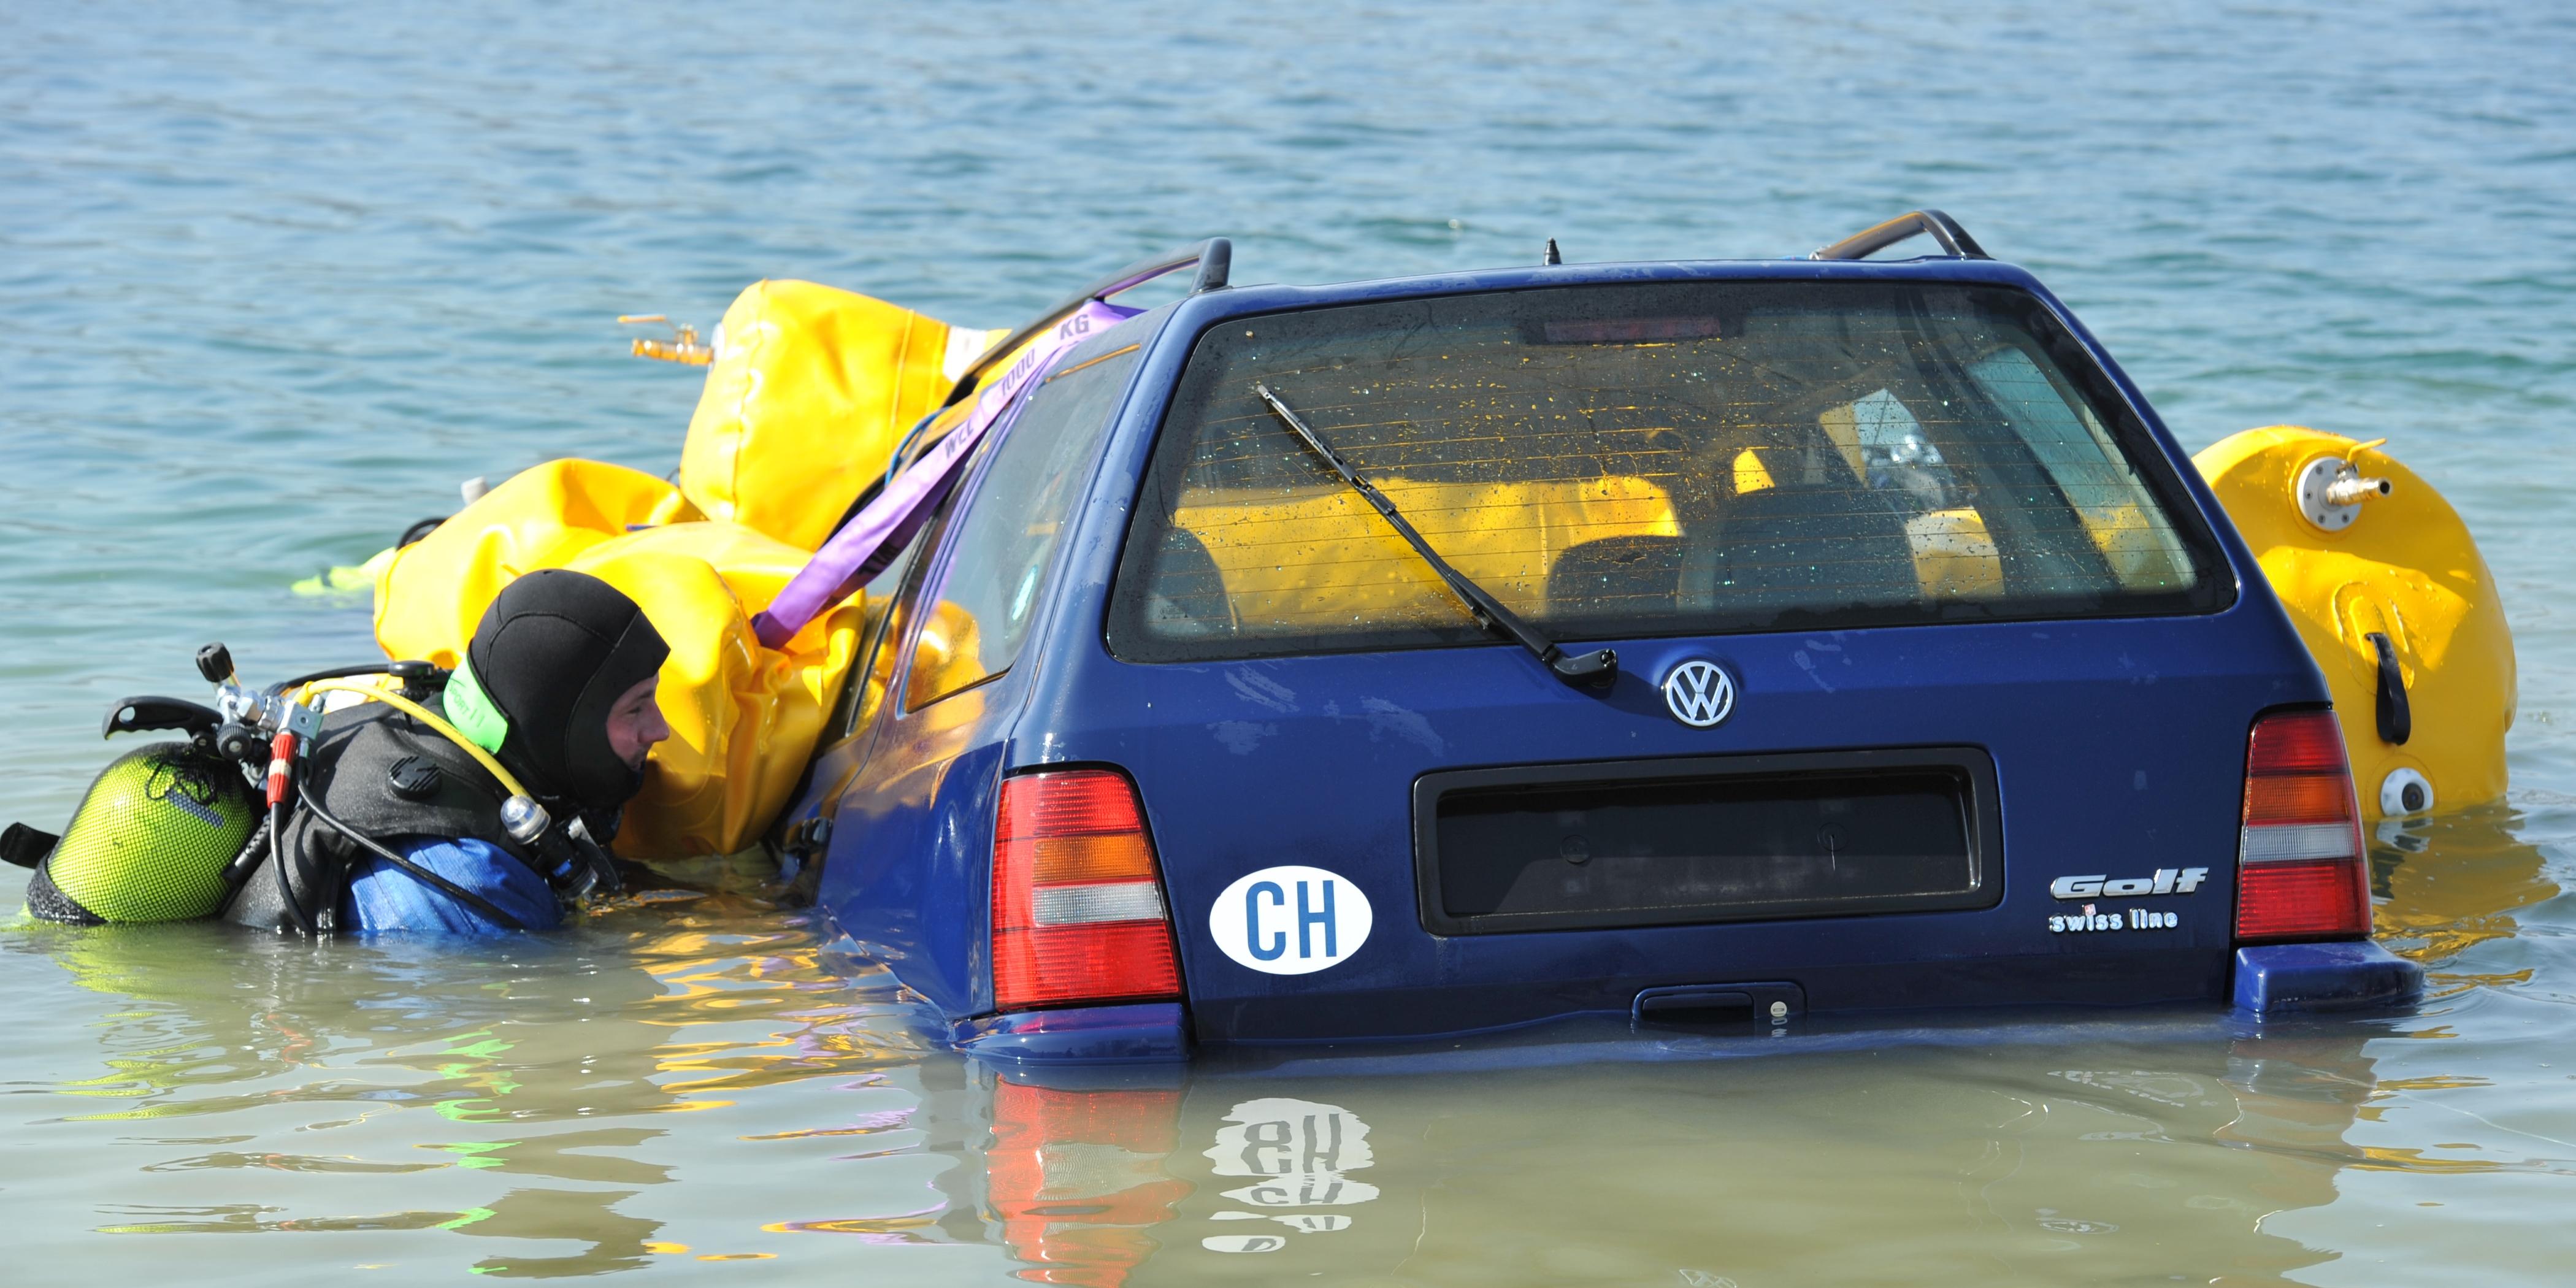 Taucher der Kantonspolizei Thurgau bergen ein Auto.